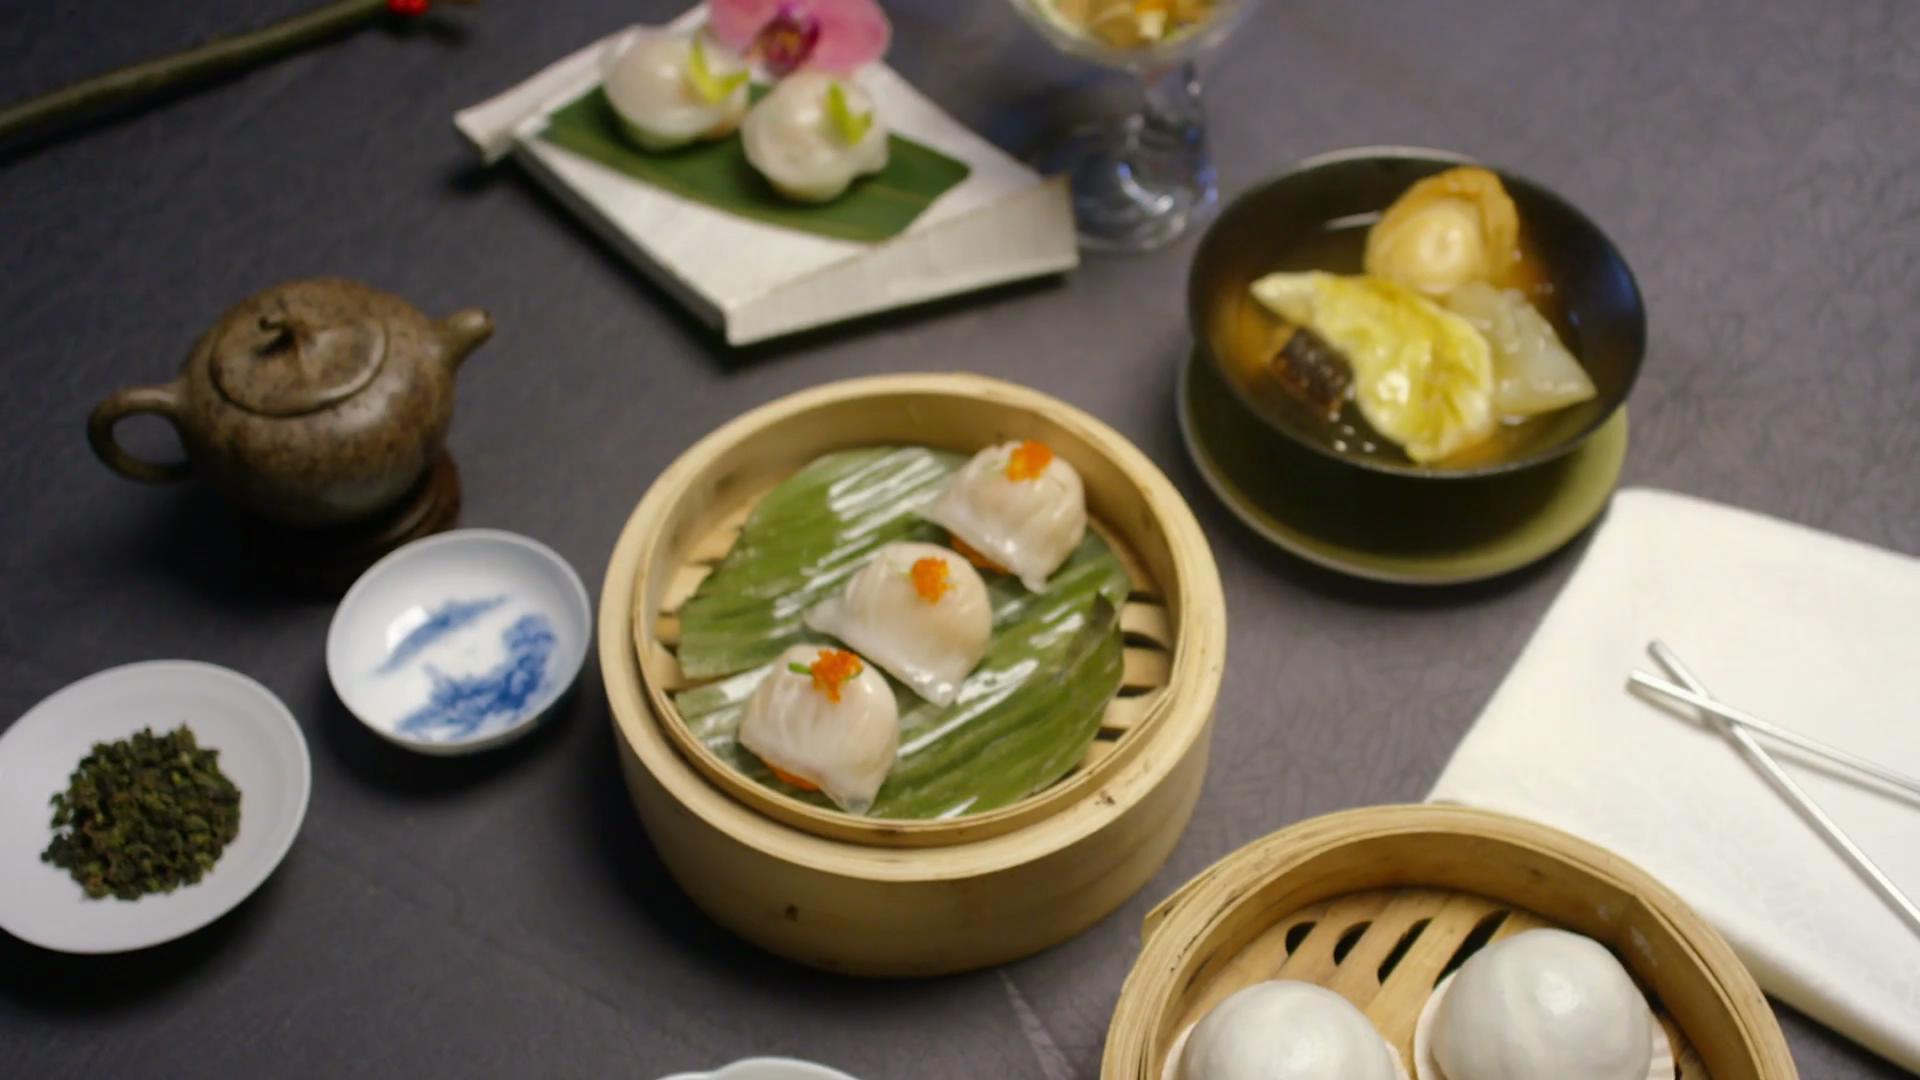 中餐制作及品尝